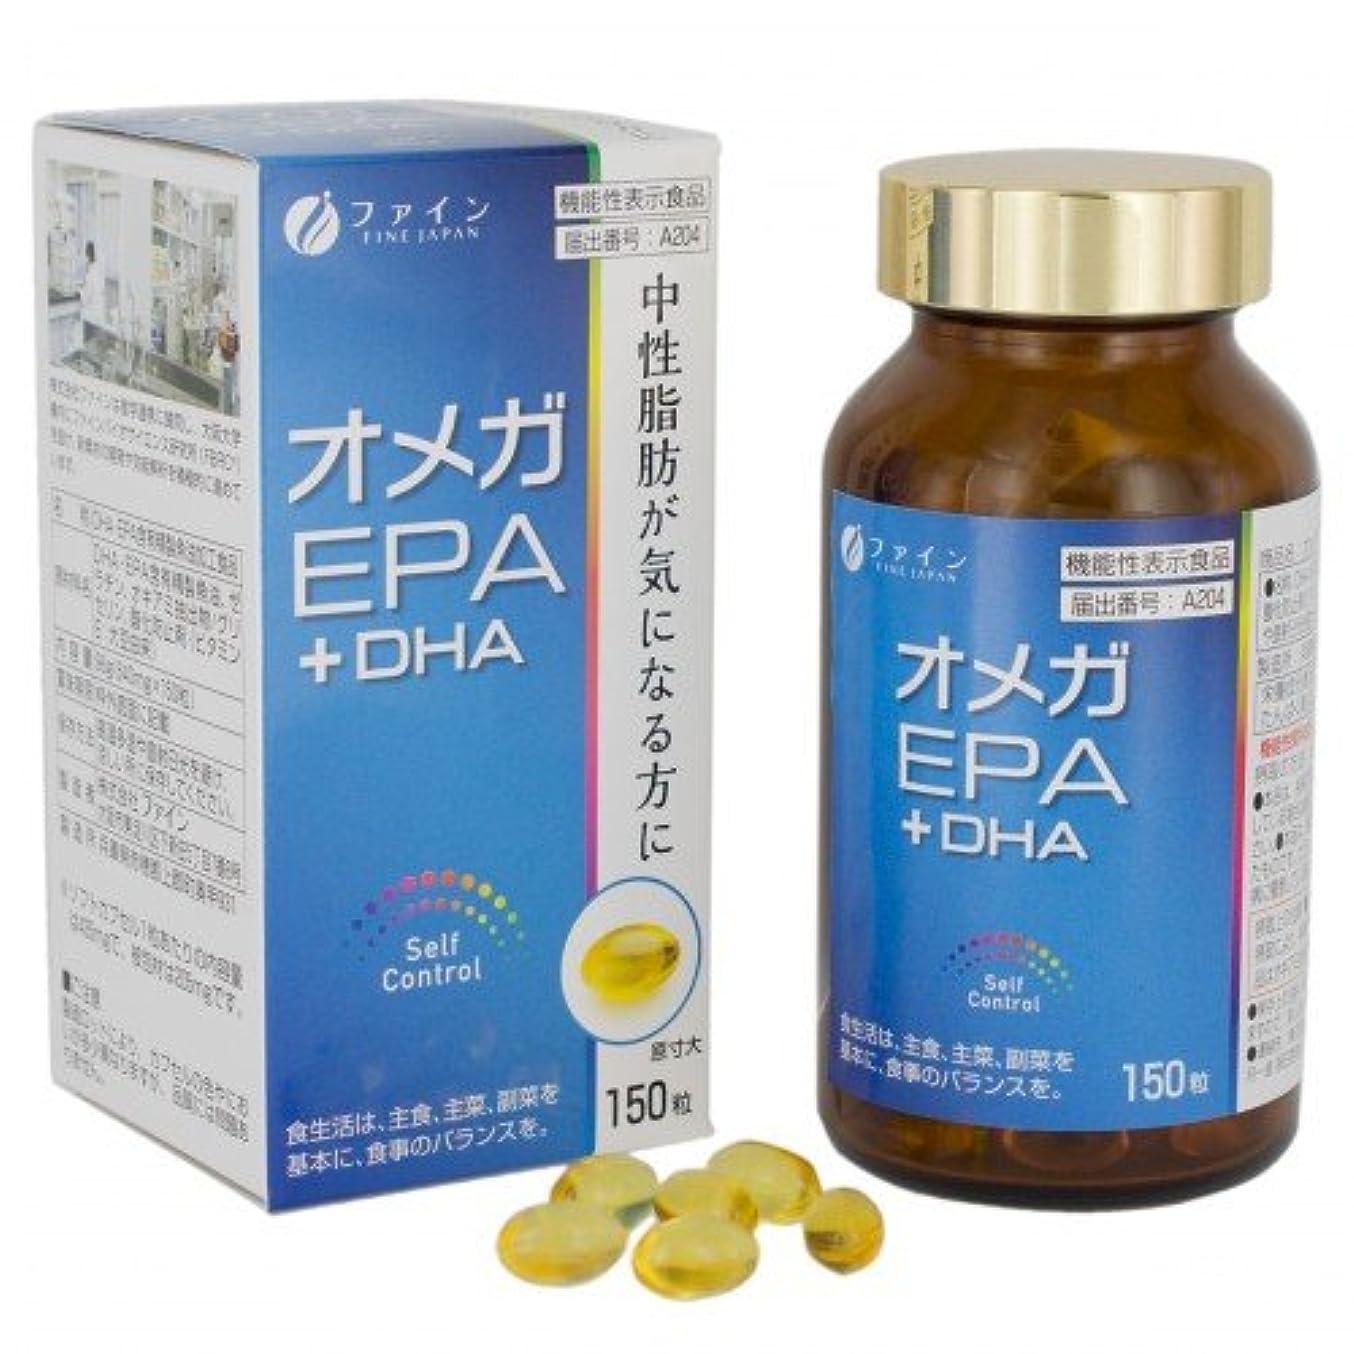 透ける通信するセレナ機能性表示食品オメガEPA+DHA